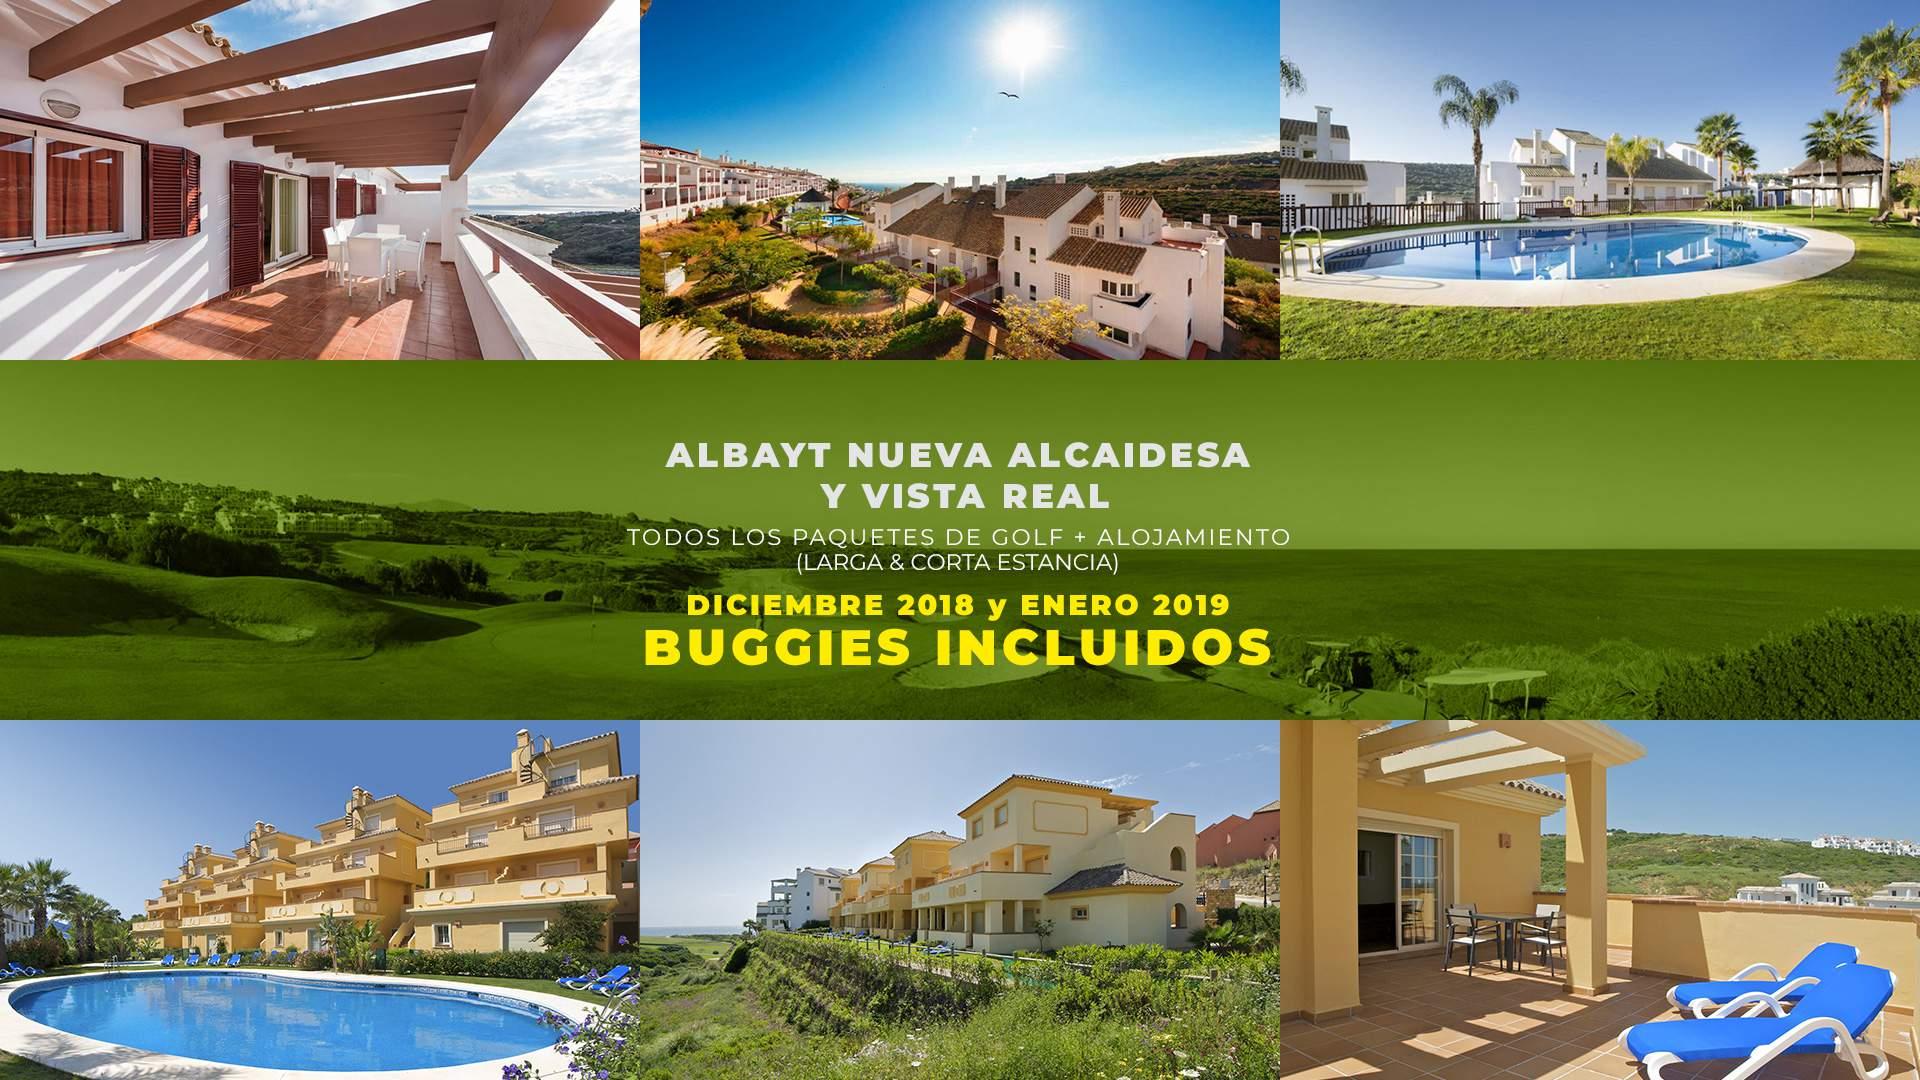 Imagen de Promo alojamiento Vista Real y Albait Nueva Alcaidesa